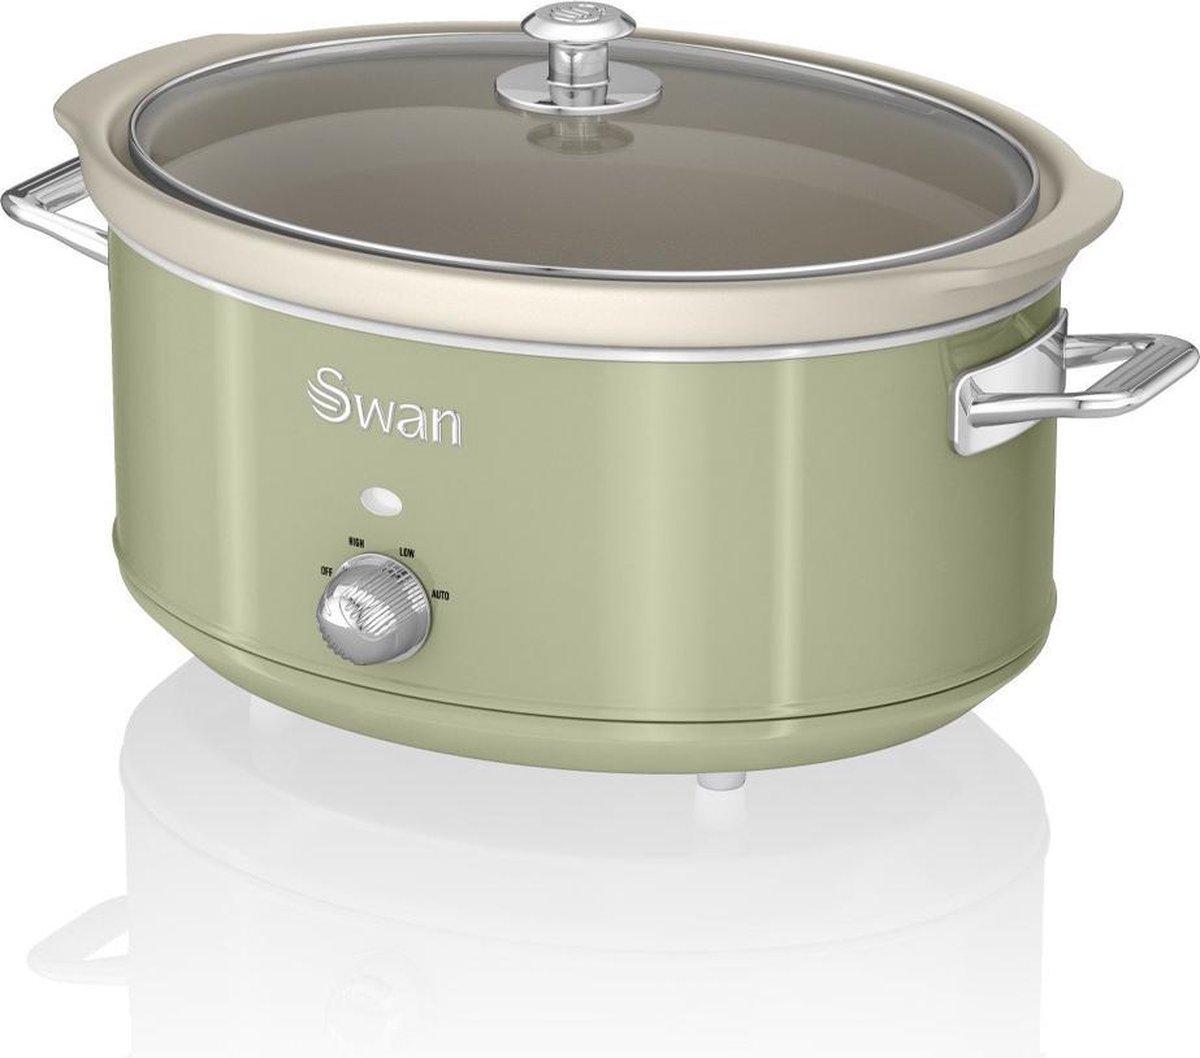 Swan Retro Slowcooker Groen 6.5 liter online kopen